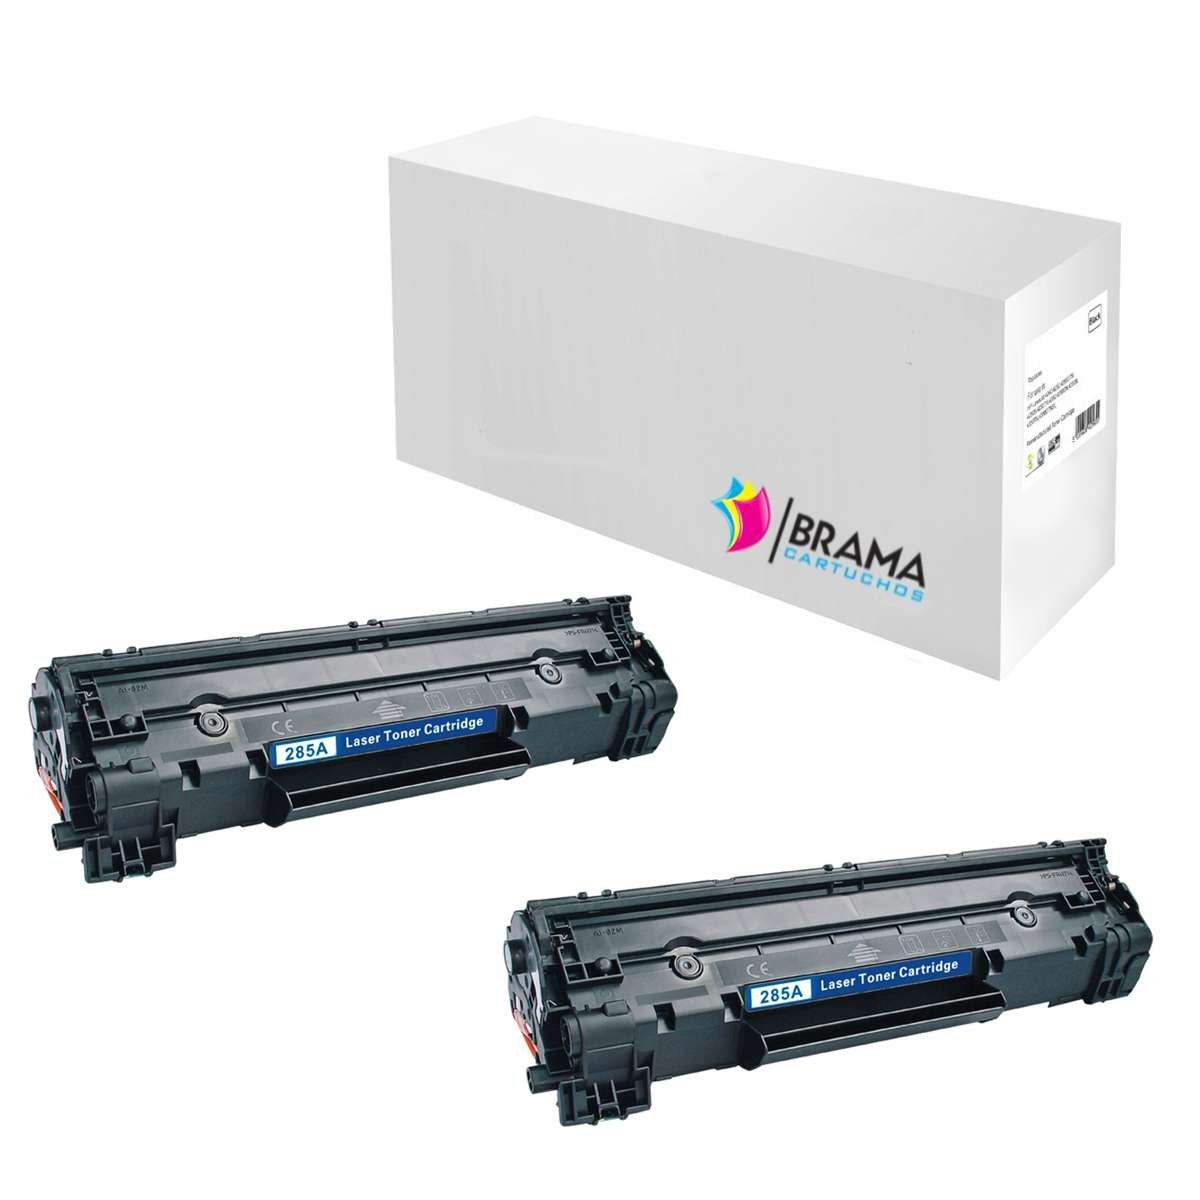 Bramacartuchos - Cartucho Reciclado HP LaserJet CE285A M121nf, M1130, M1132, M1210, M1212, M1212nf, M1213, M1217nfw, M1217, P1100, P1102W, P1102, PRO ...